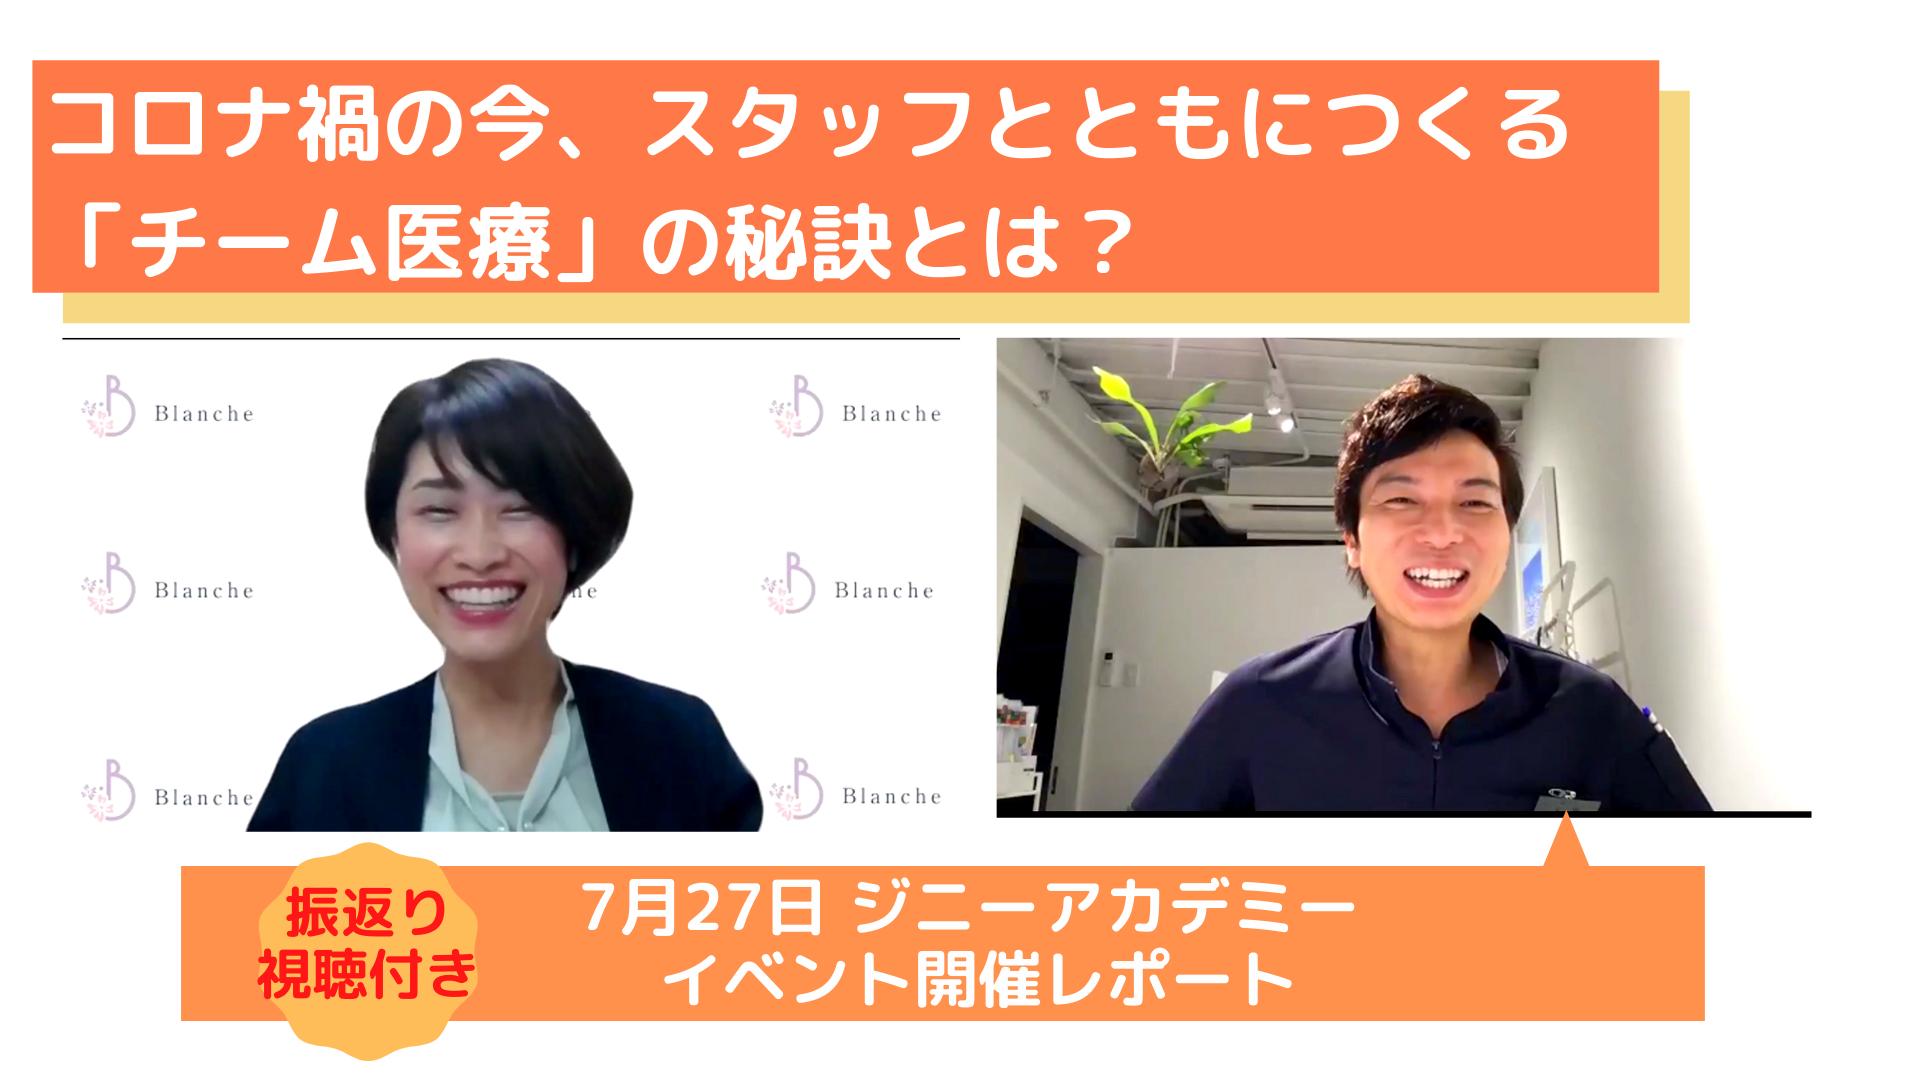 【動画】ジニーアカデミー「スタッフとつくるチーム医療〜成功と失敗のケースをご紹介!〜」